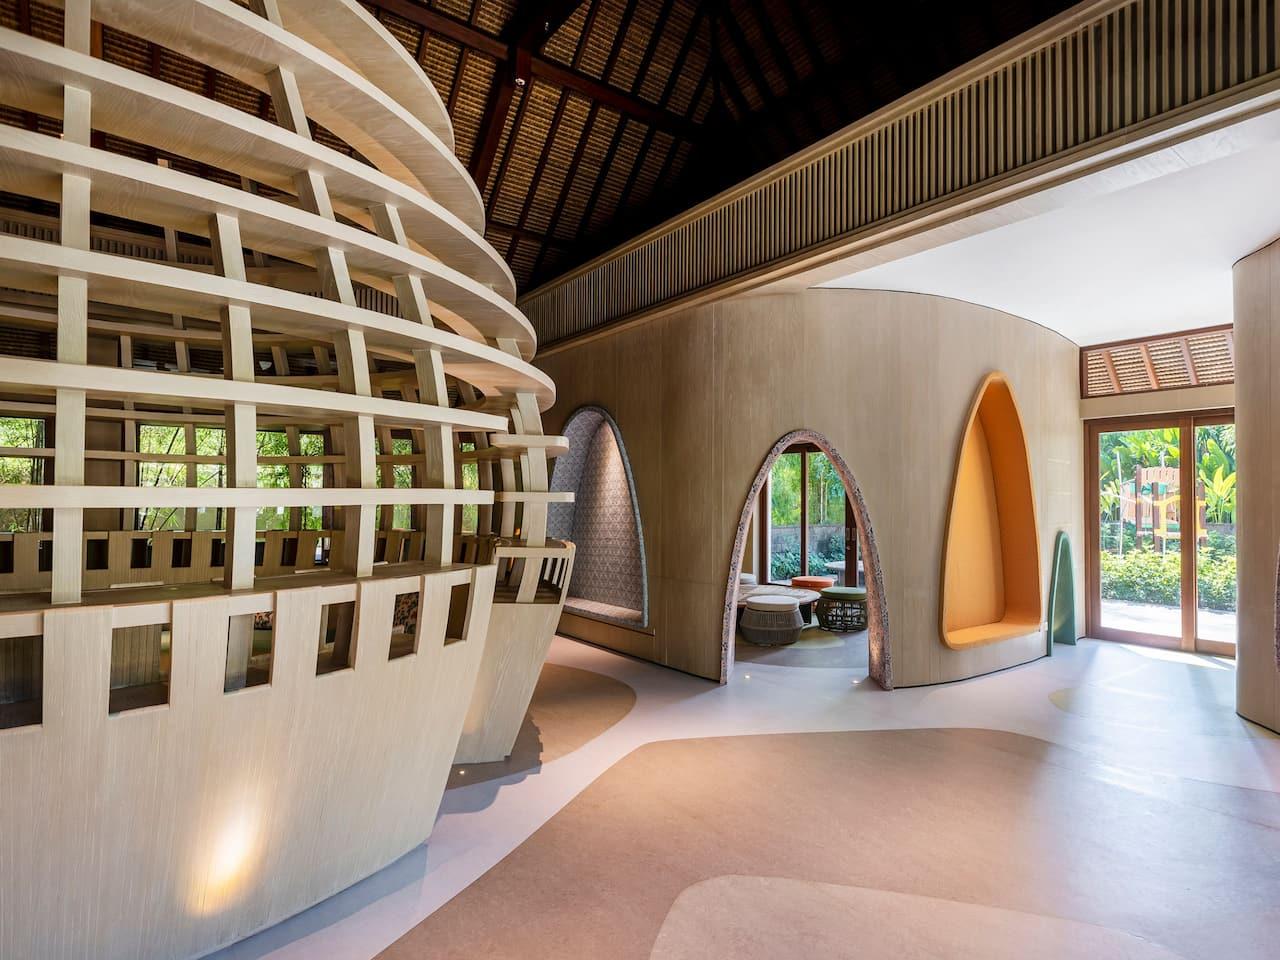 Kemu Mai, Learning Center at Andaz Bali